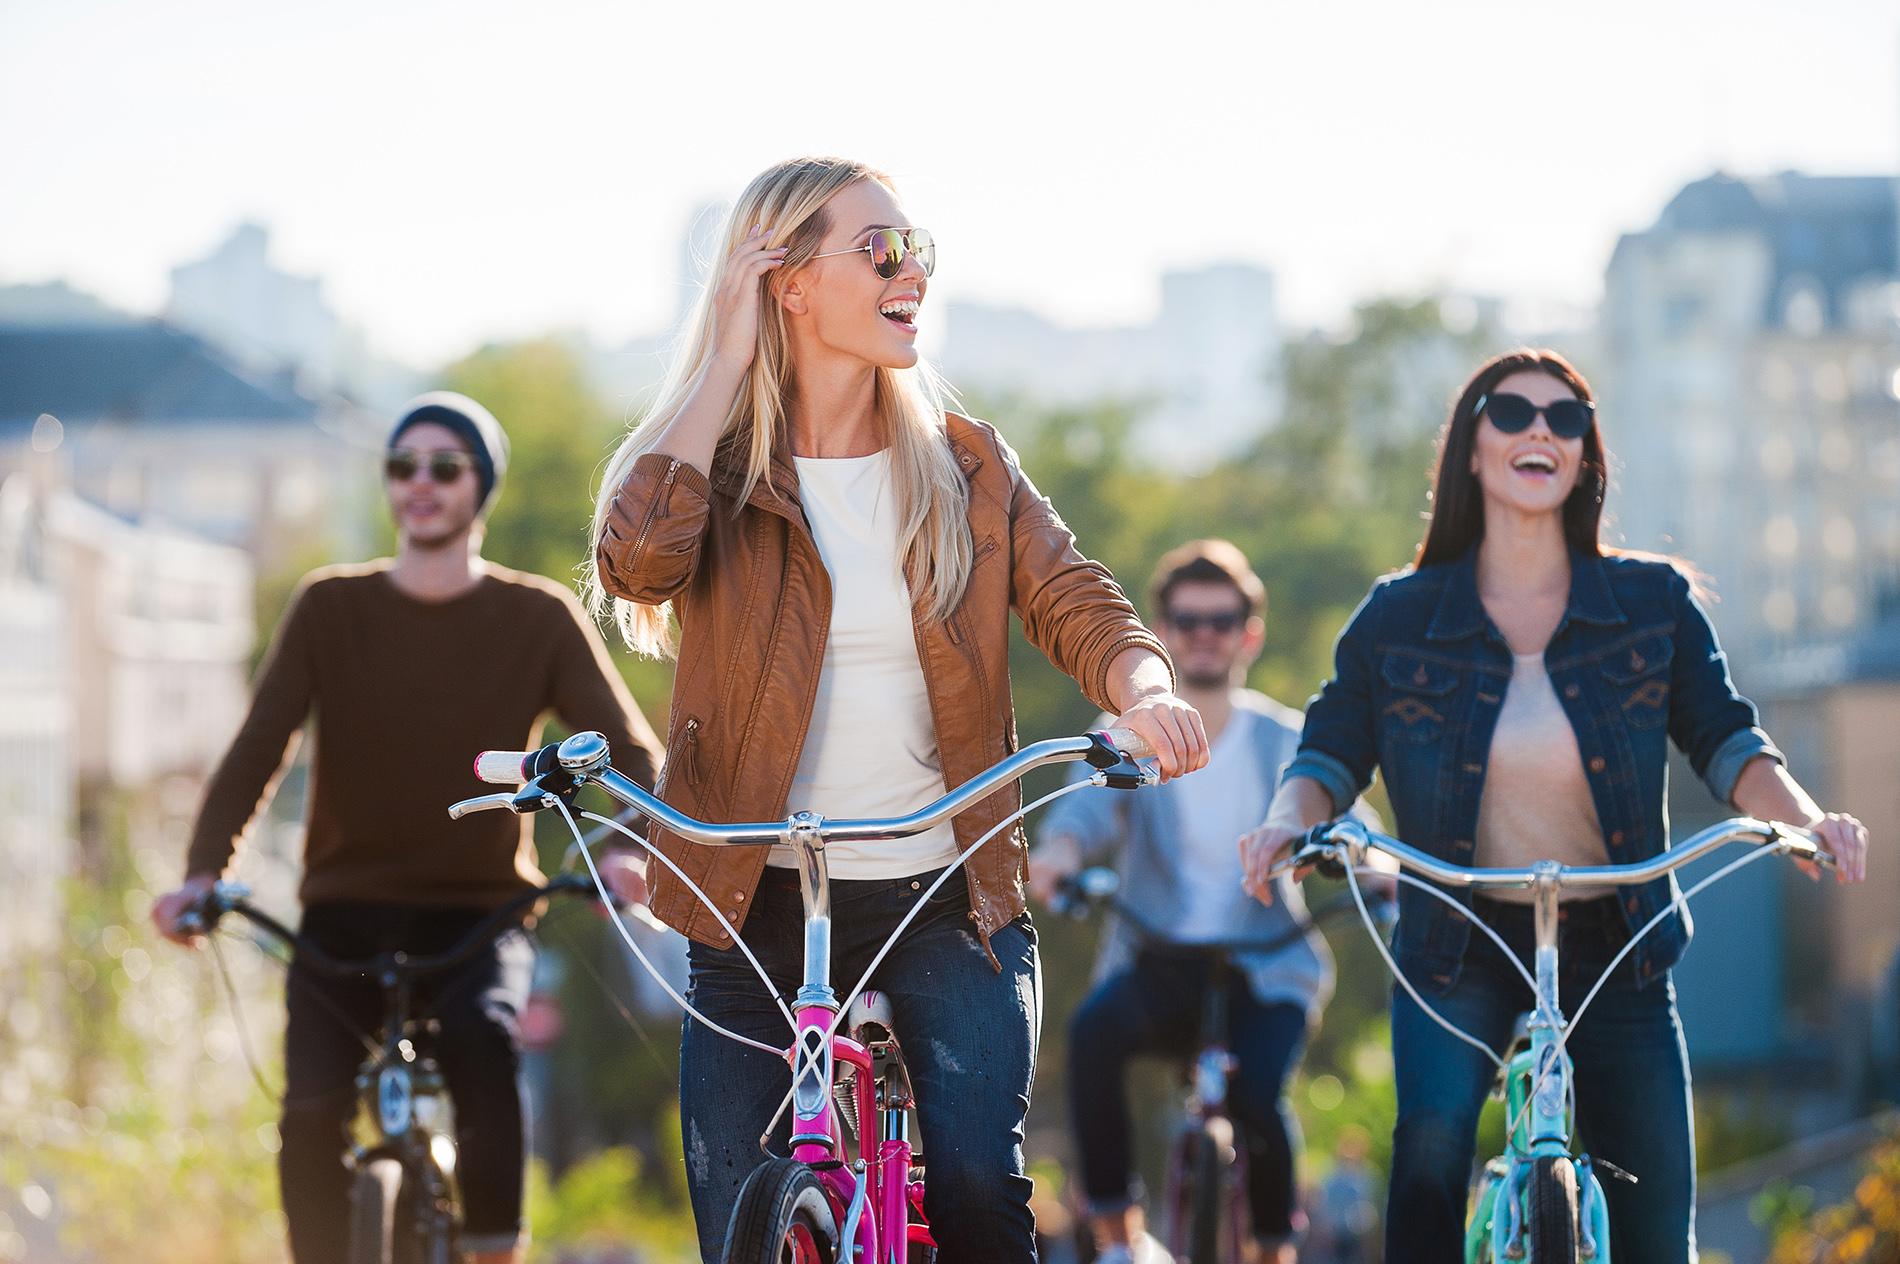 Baleset-, felelősség- és lopásbiztosítás is jár Kerékpárosklub tagsághoz - itt vannak a részletek!